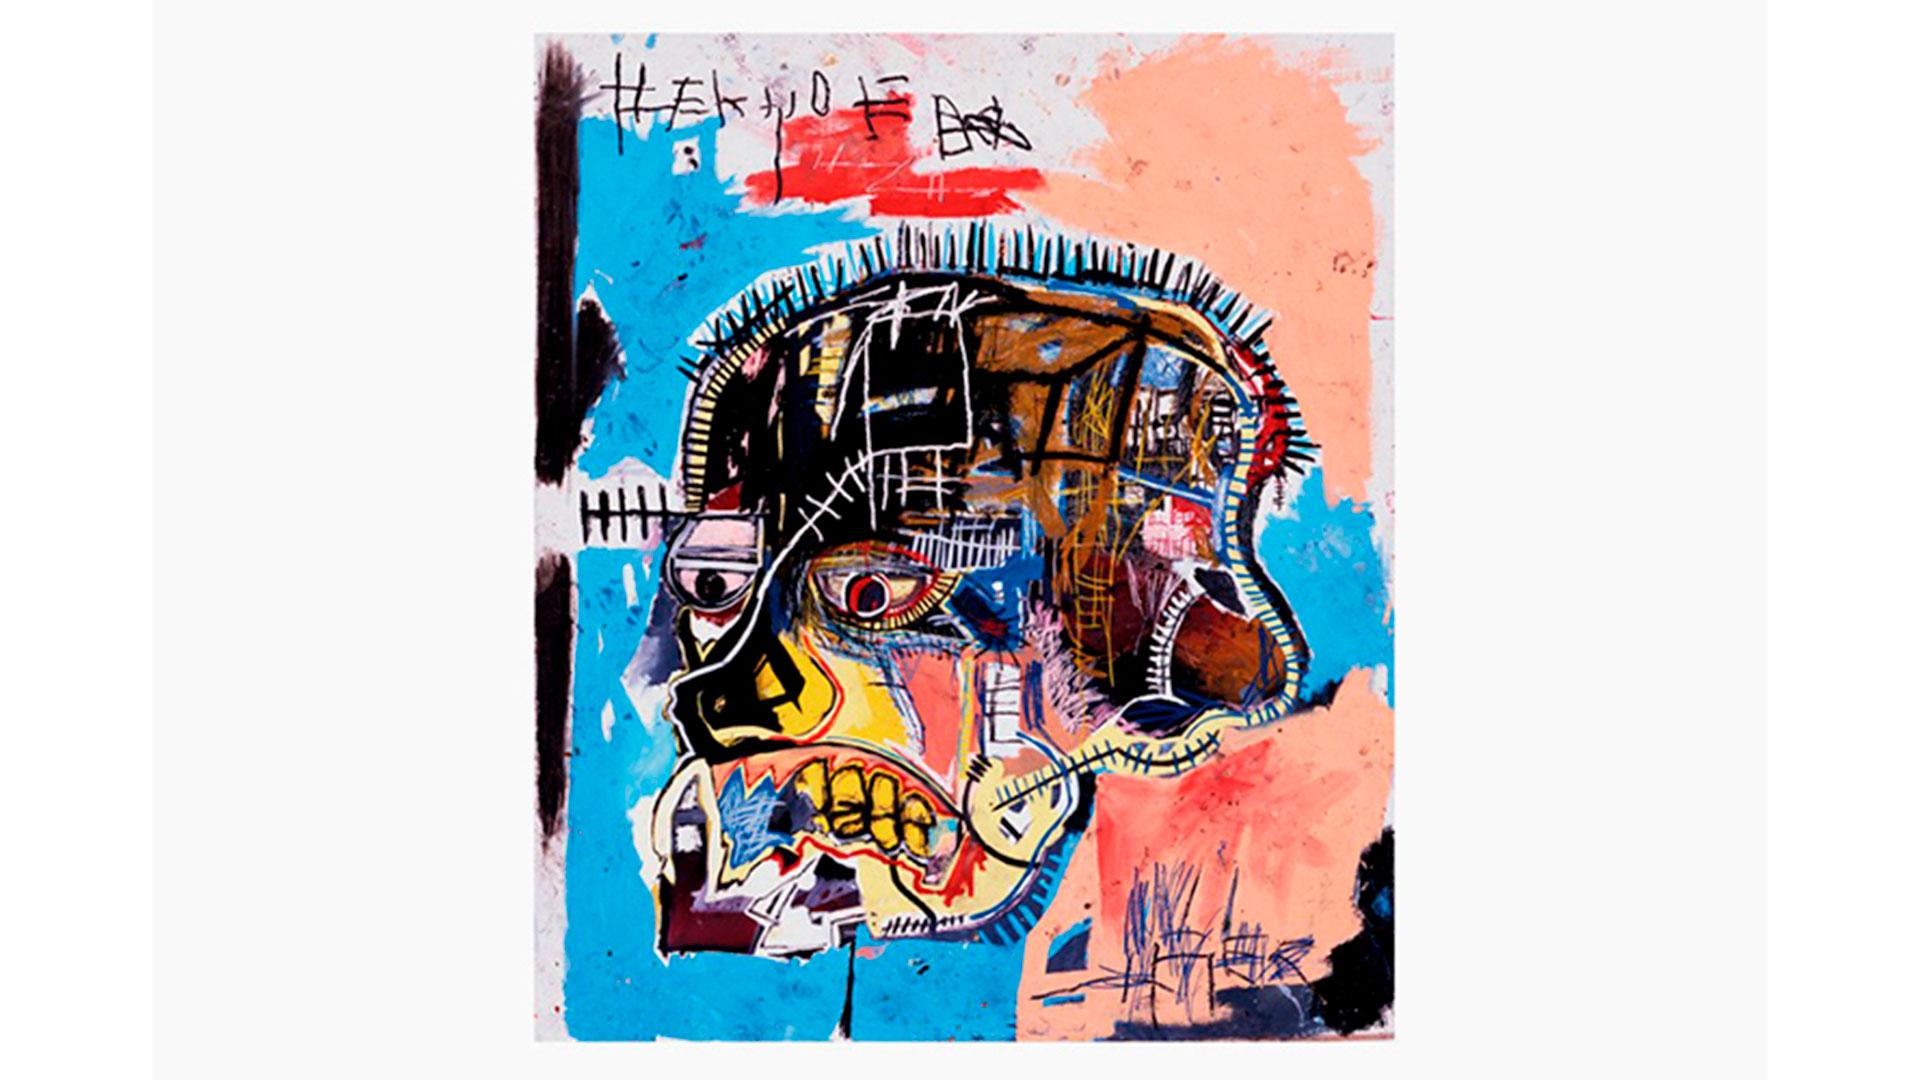 Imagen de pintura realizada por el artista Jean Michel Basquiat